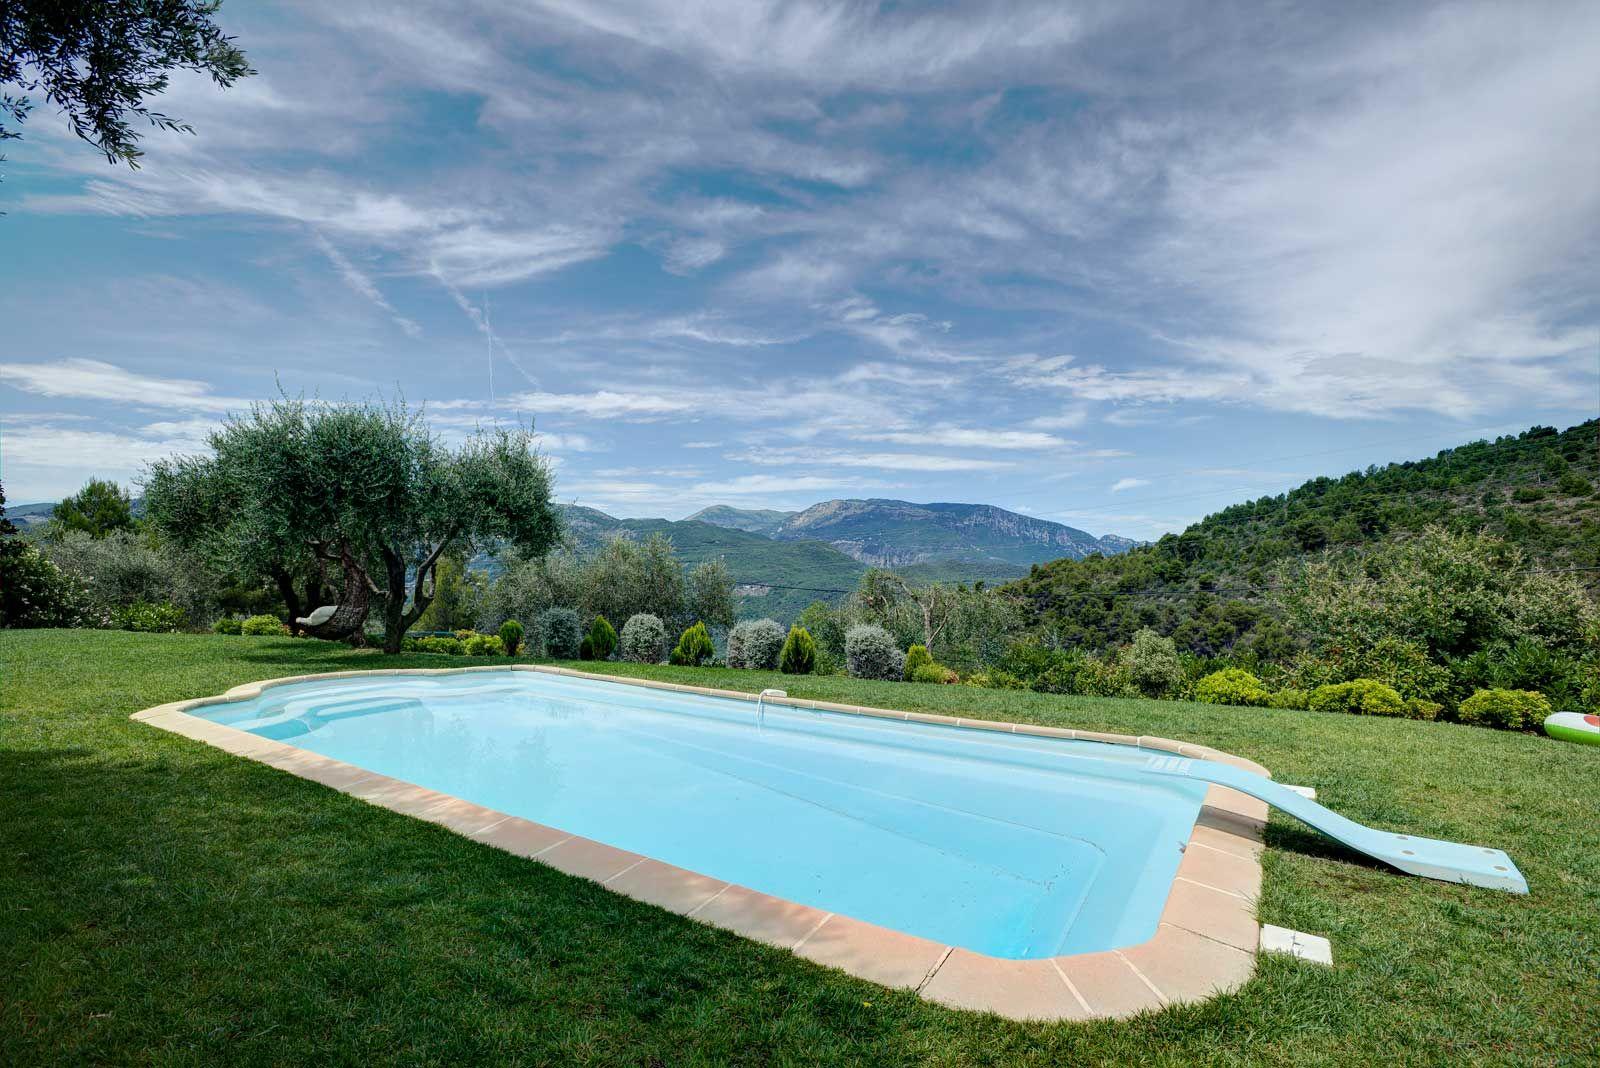 →Mas Provence Riviera - B&B - 06 12 16 25 35 - Chambres d'Hôtes Côte d'Azur - PRIVATISATION & ÉVÉNEMENTIEL